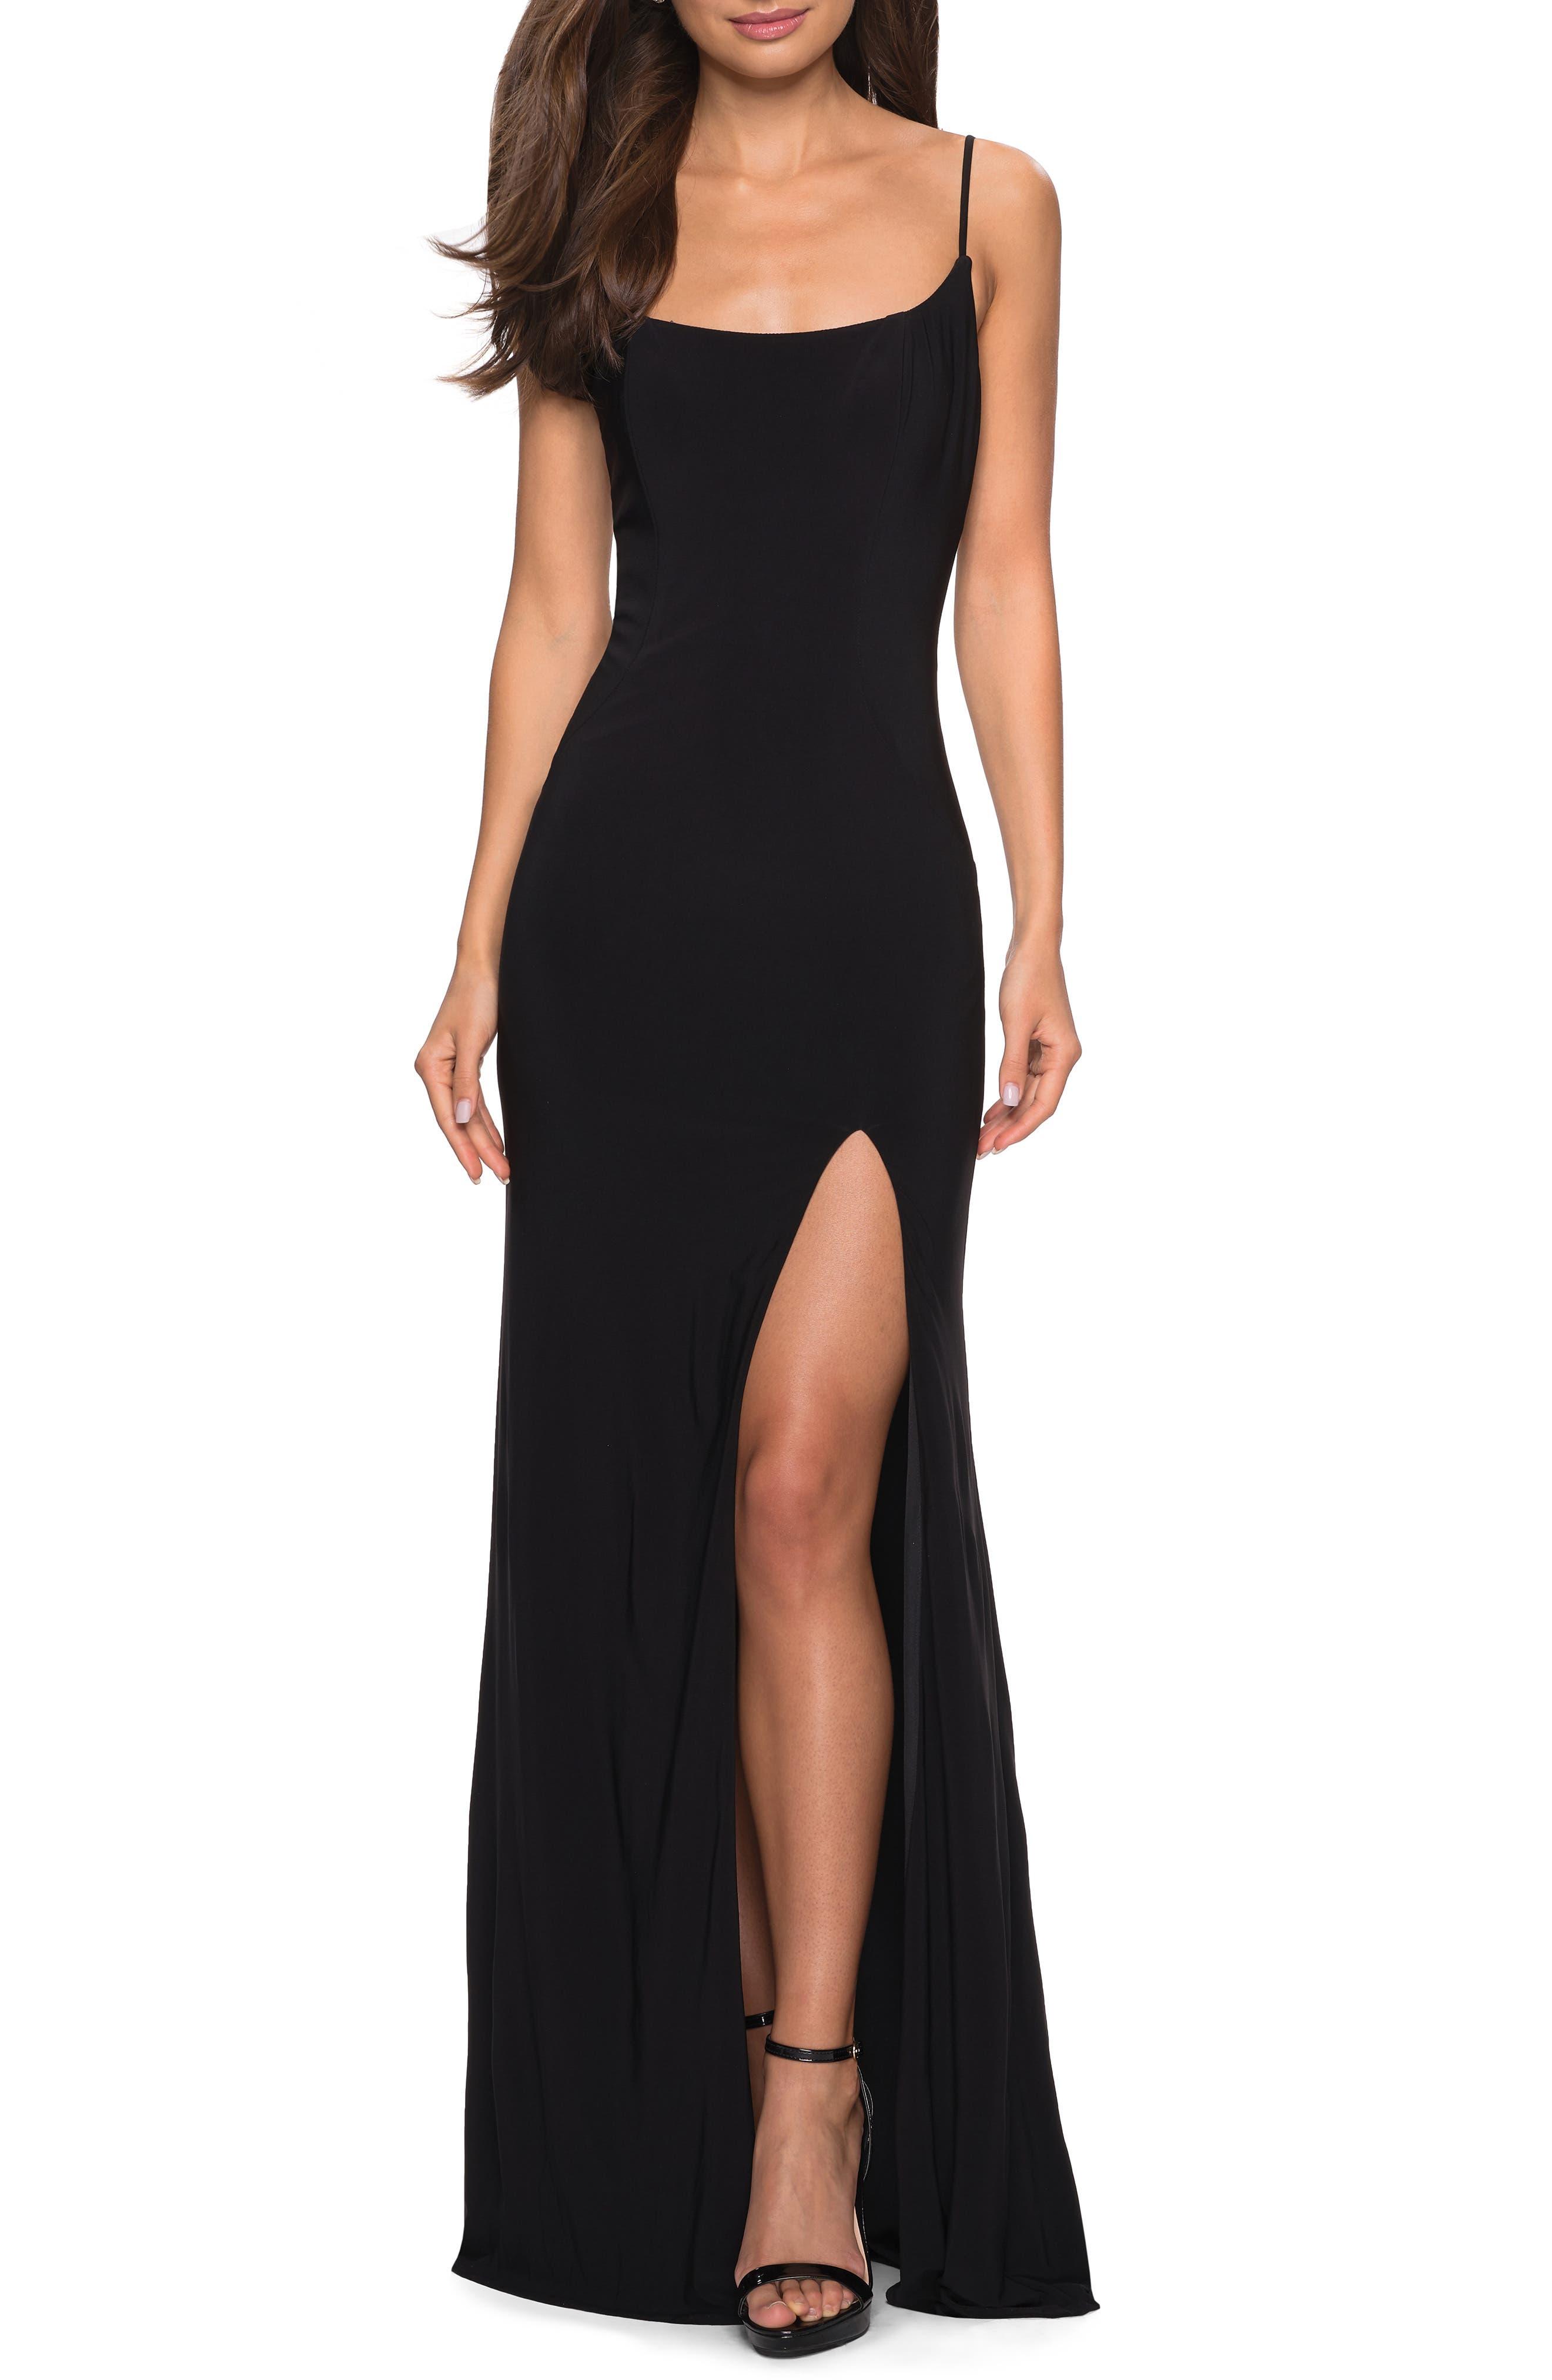 La Femme Strappy Back Jersey Evening Dress